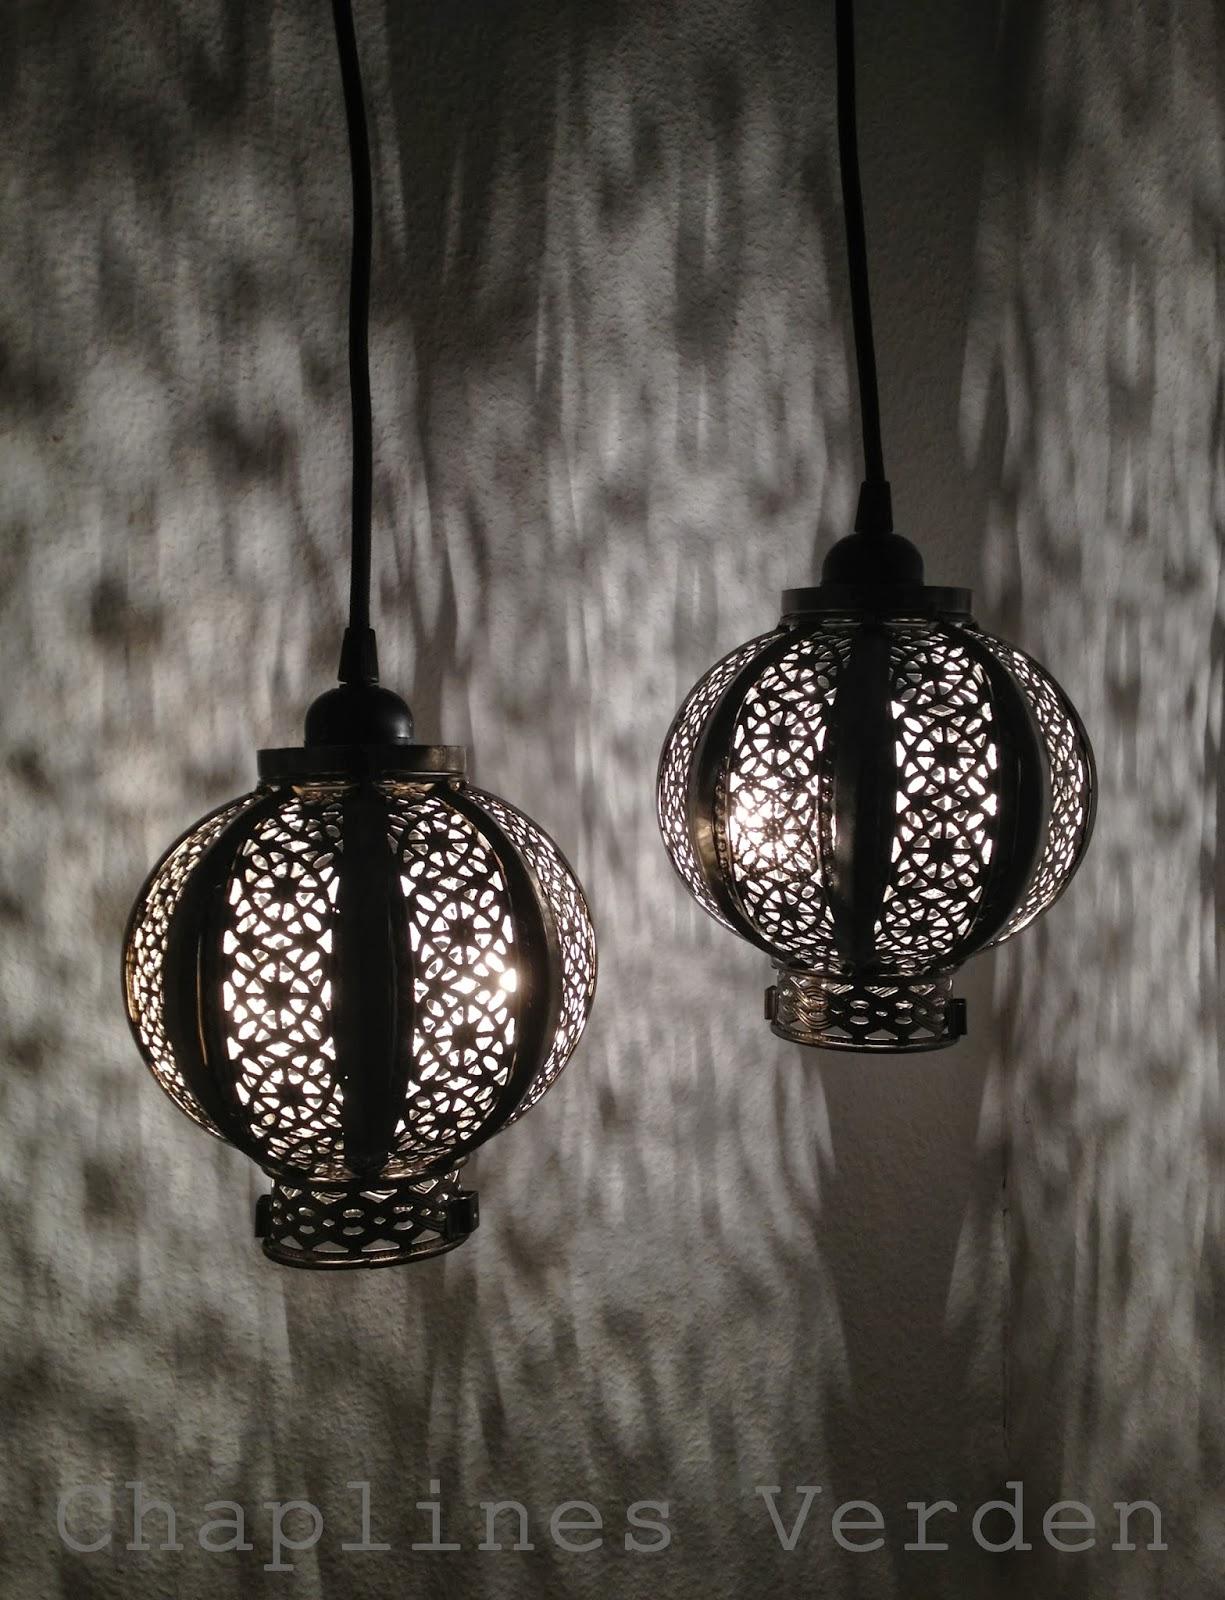 Chaplines Verden: DIY lampe ala Marokko